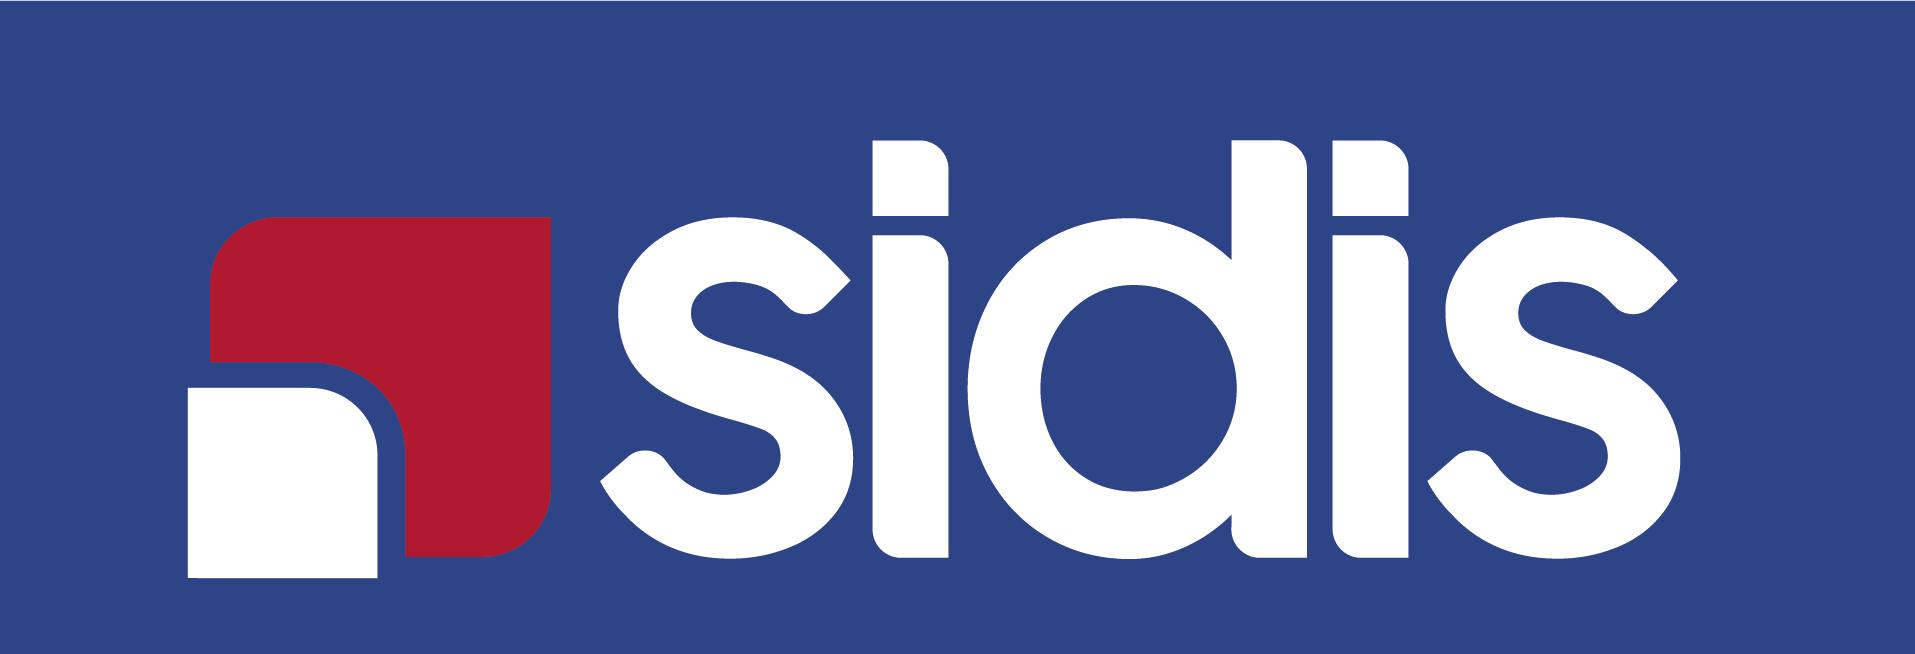 Logo Sidis GDO (Grande Distribuzione Organizzata)